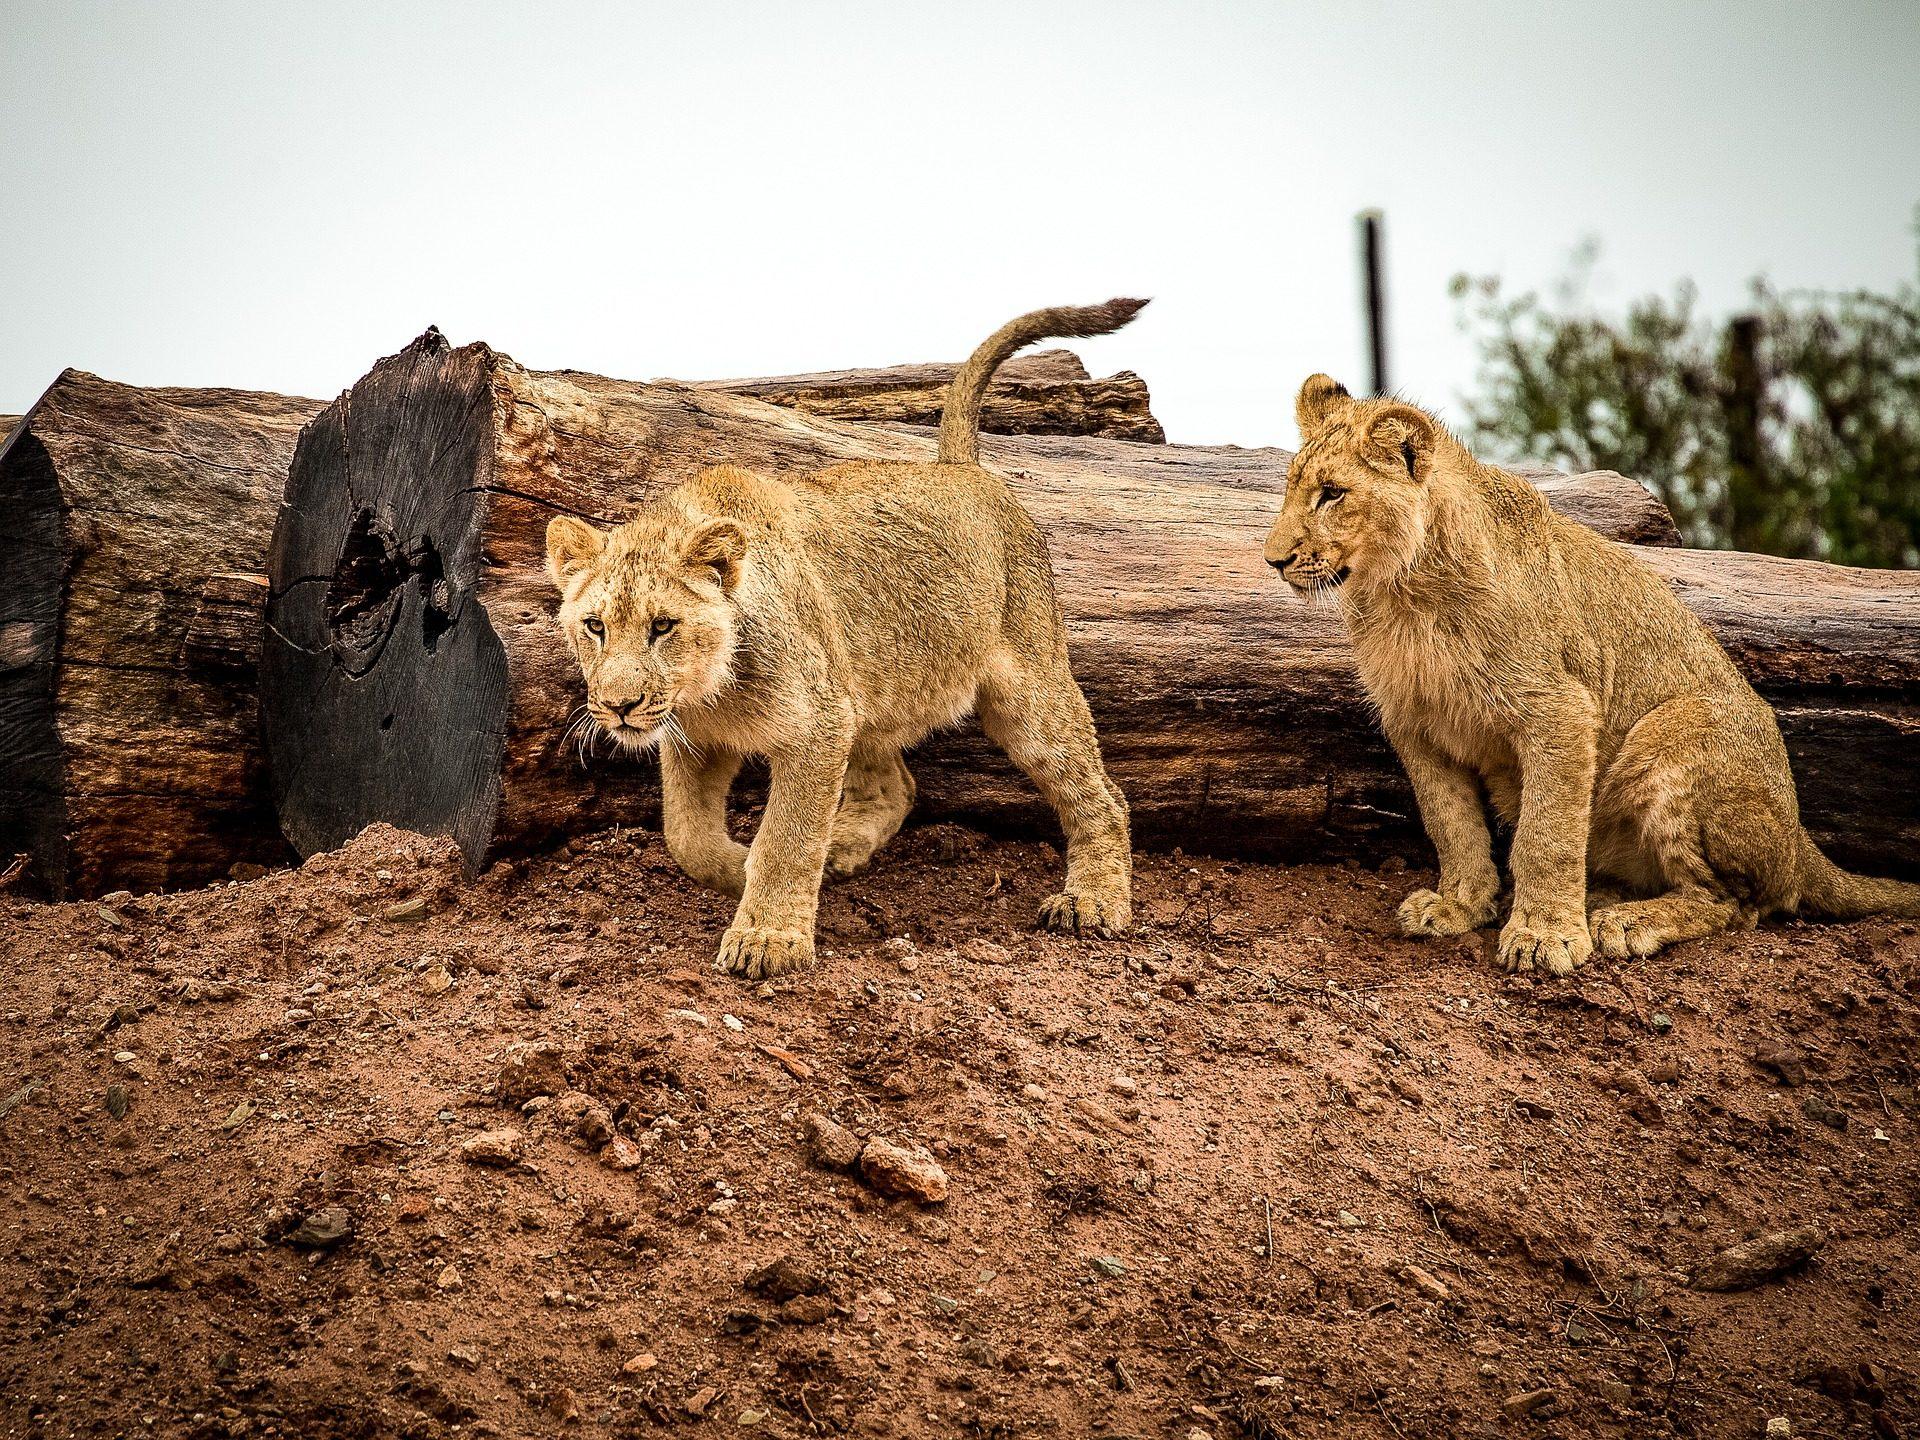 Lions, jeune, chats, Sauvage, L'Afrique - Fonds d'écran HD - Professor-falken.com